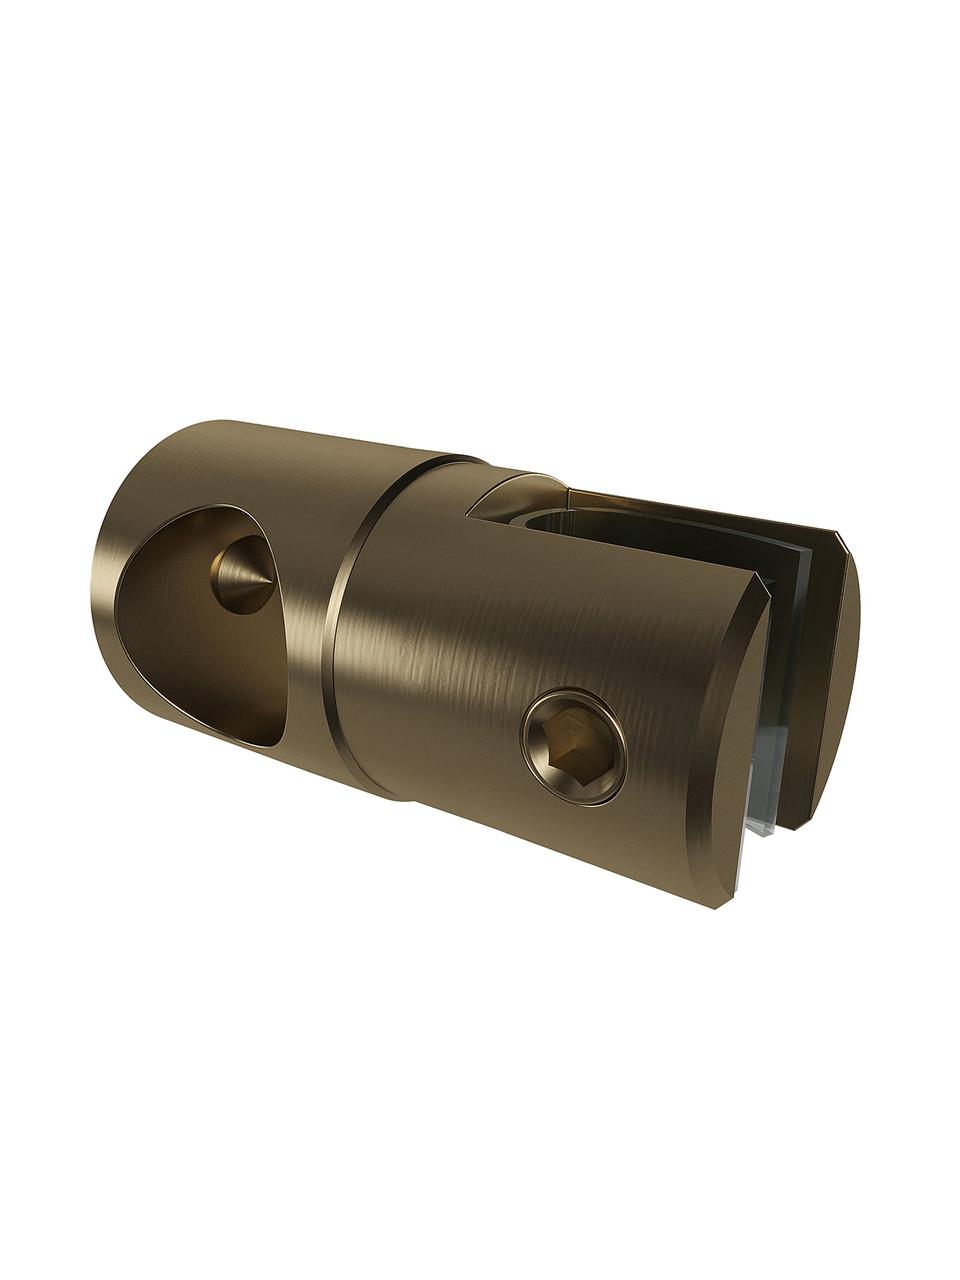 ODF-09-17-30 Кріплення душової штанги 16 мм для скла накидное, регульоване, глухе, колір матова бронза